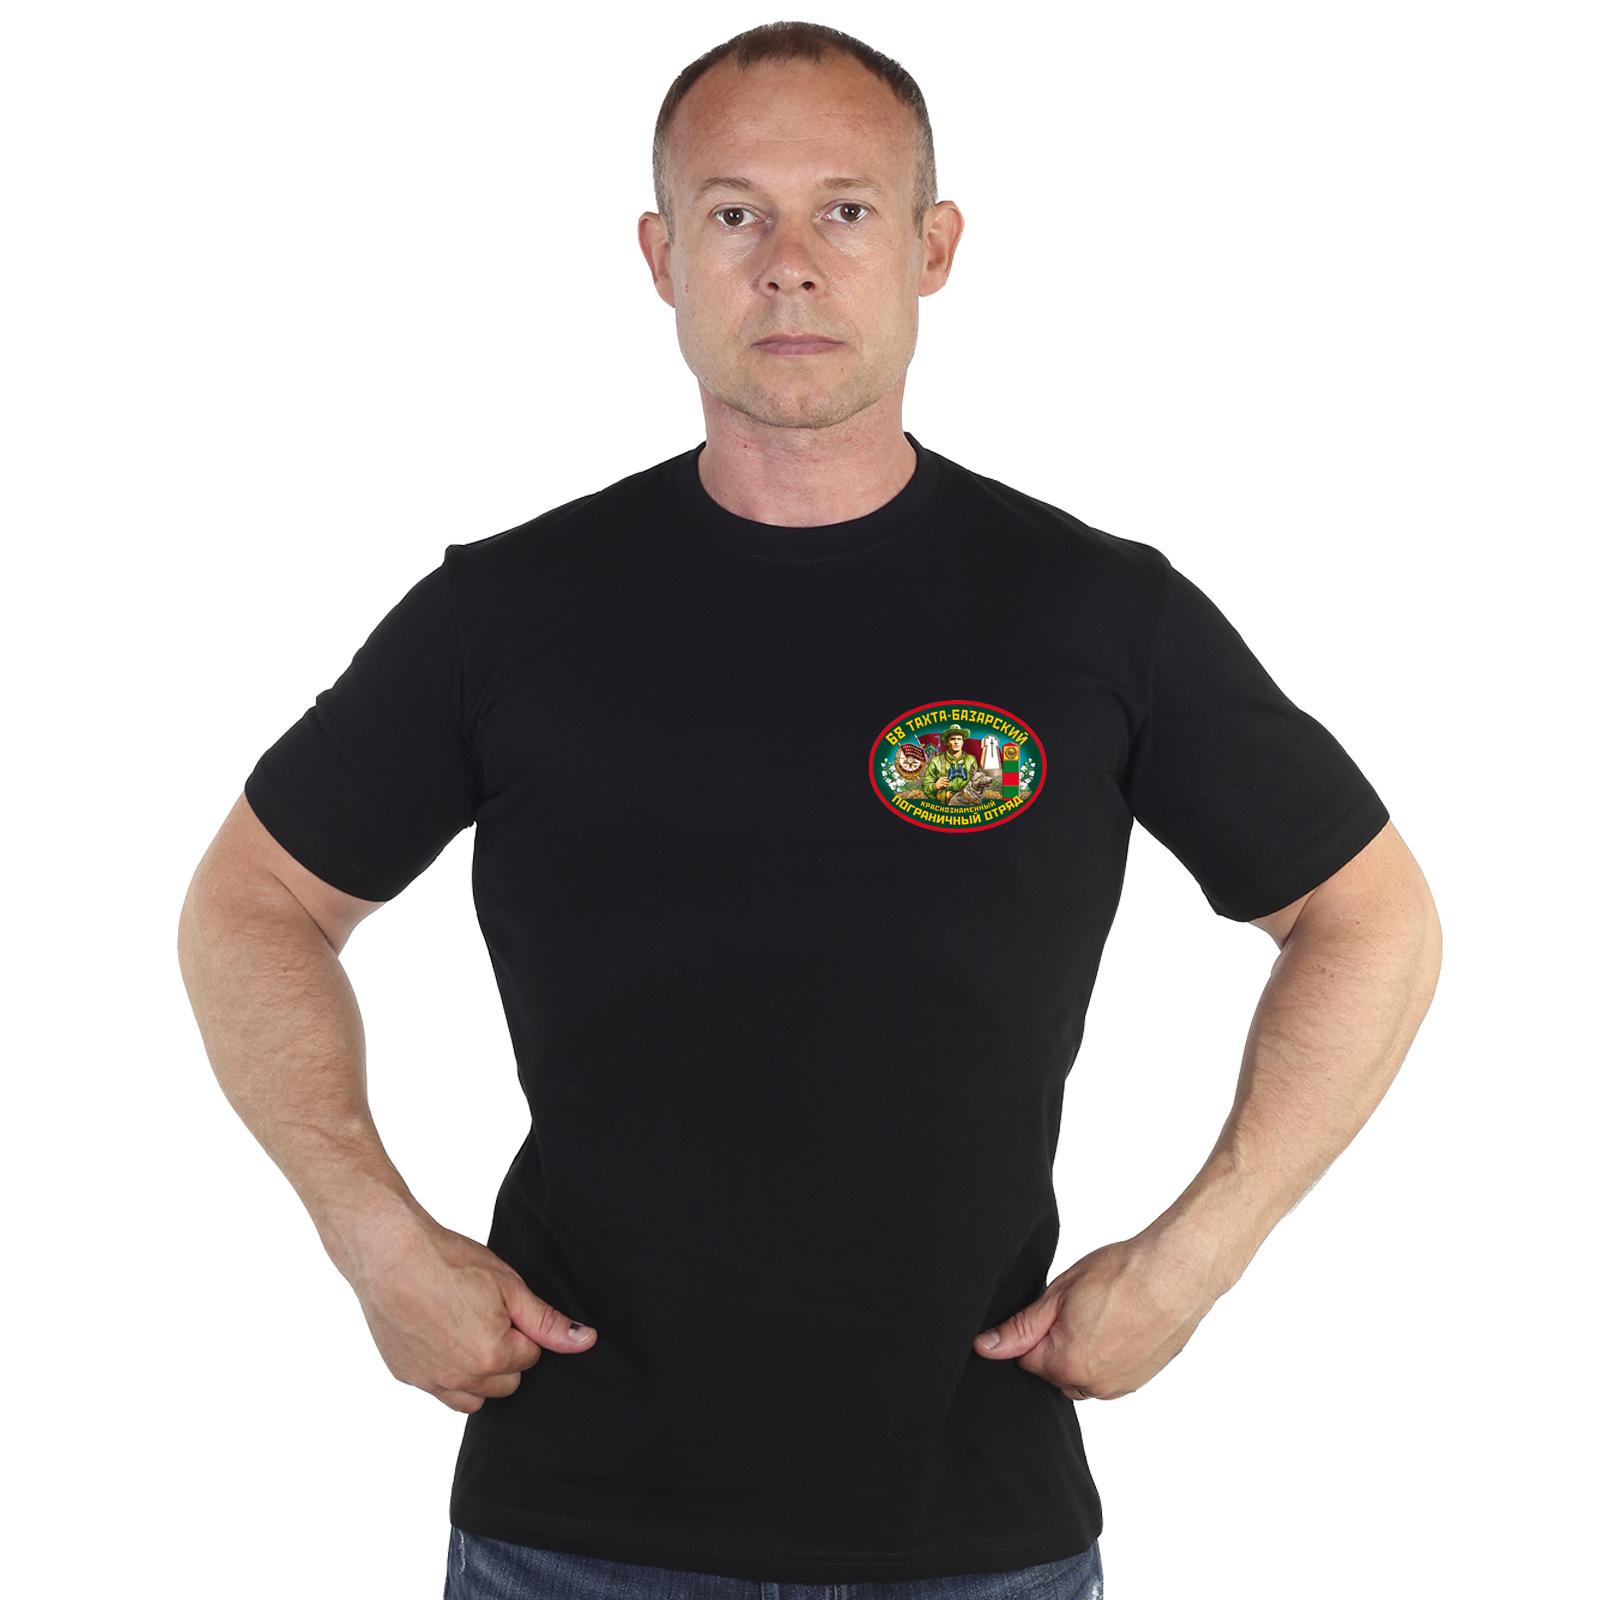 Мужская черная футболка с эмблемой 68-го Тахта-Базарского погранотряда